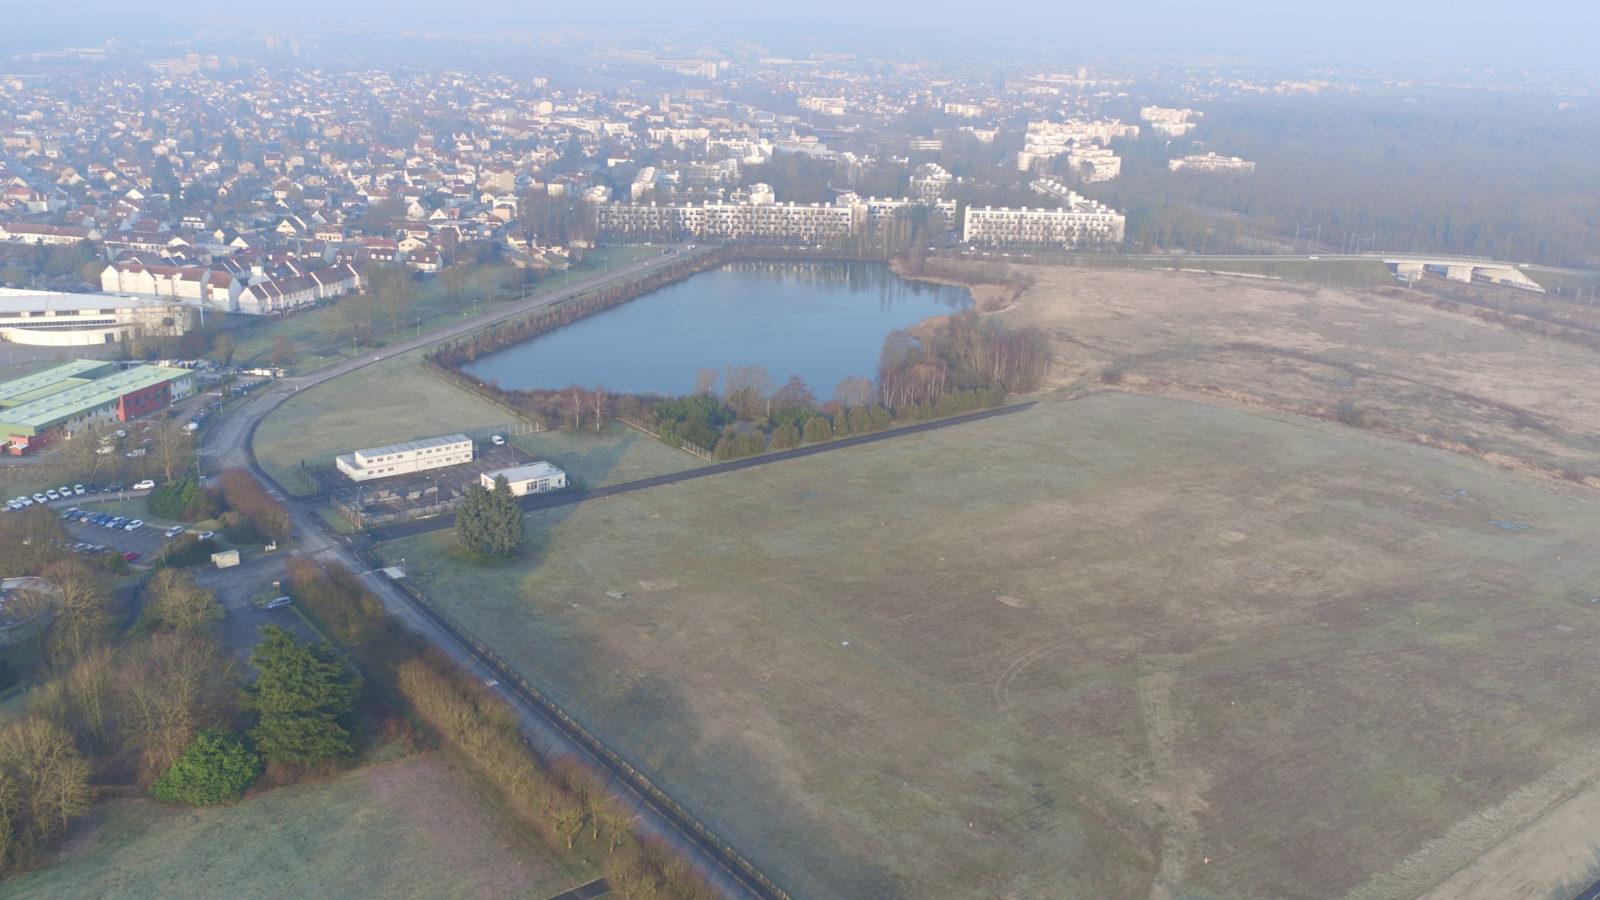 Vue en drone du périmètre de l'ancien site industriel